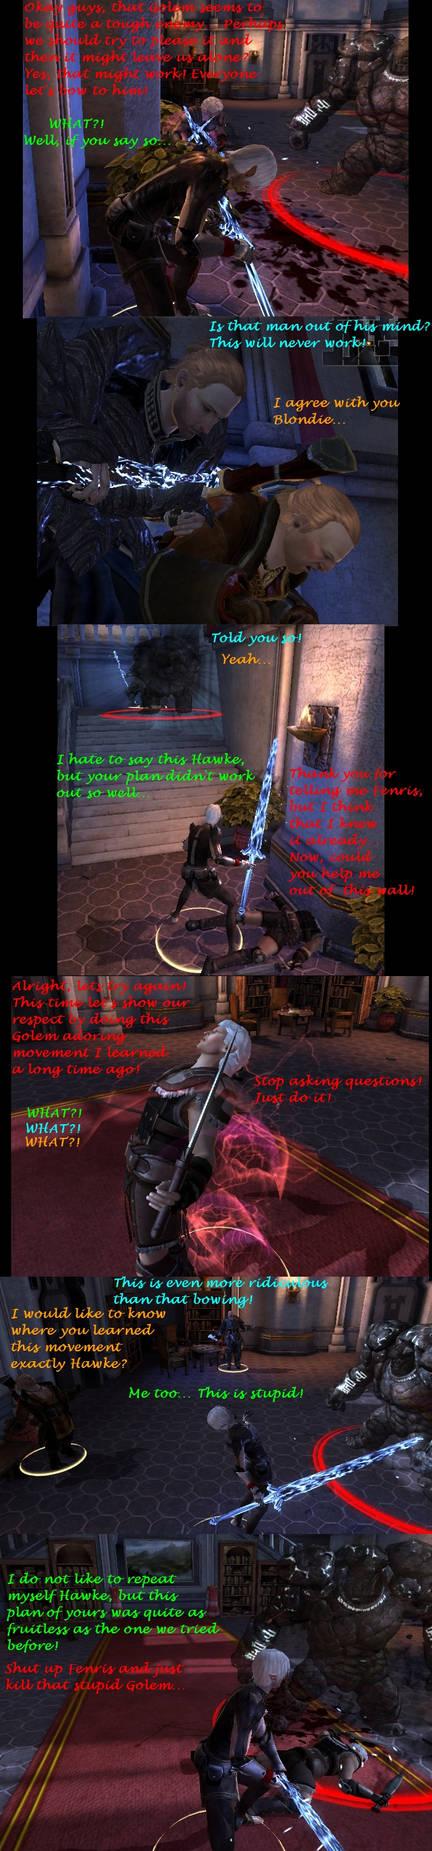 Hawke's weird Golem ritual